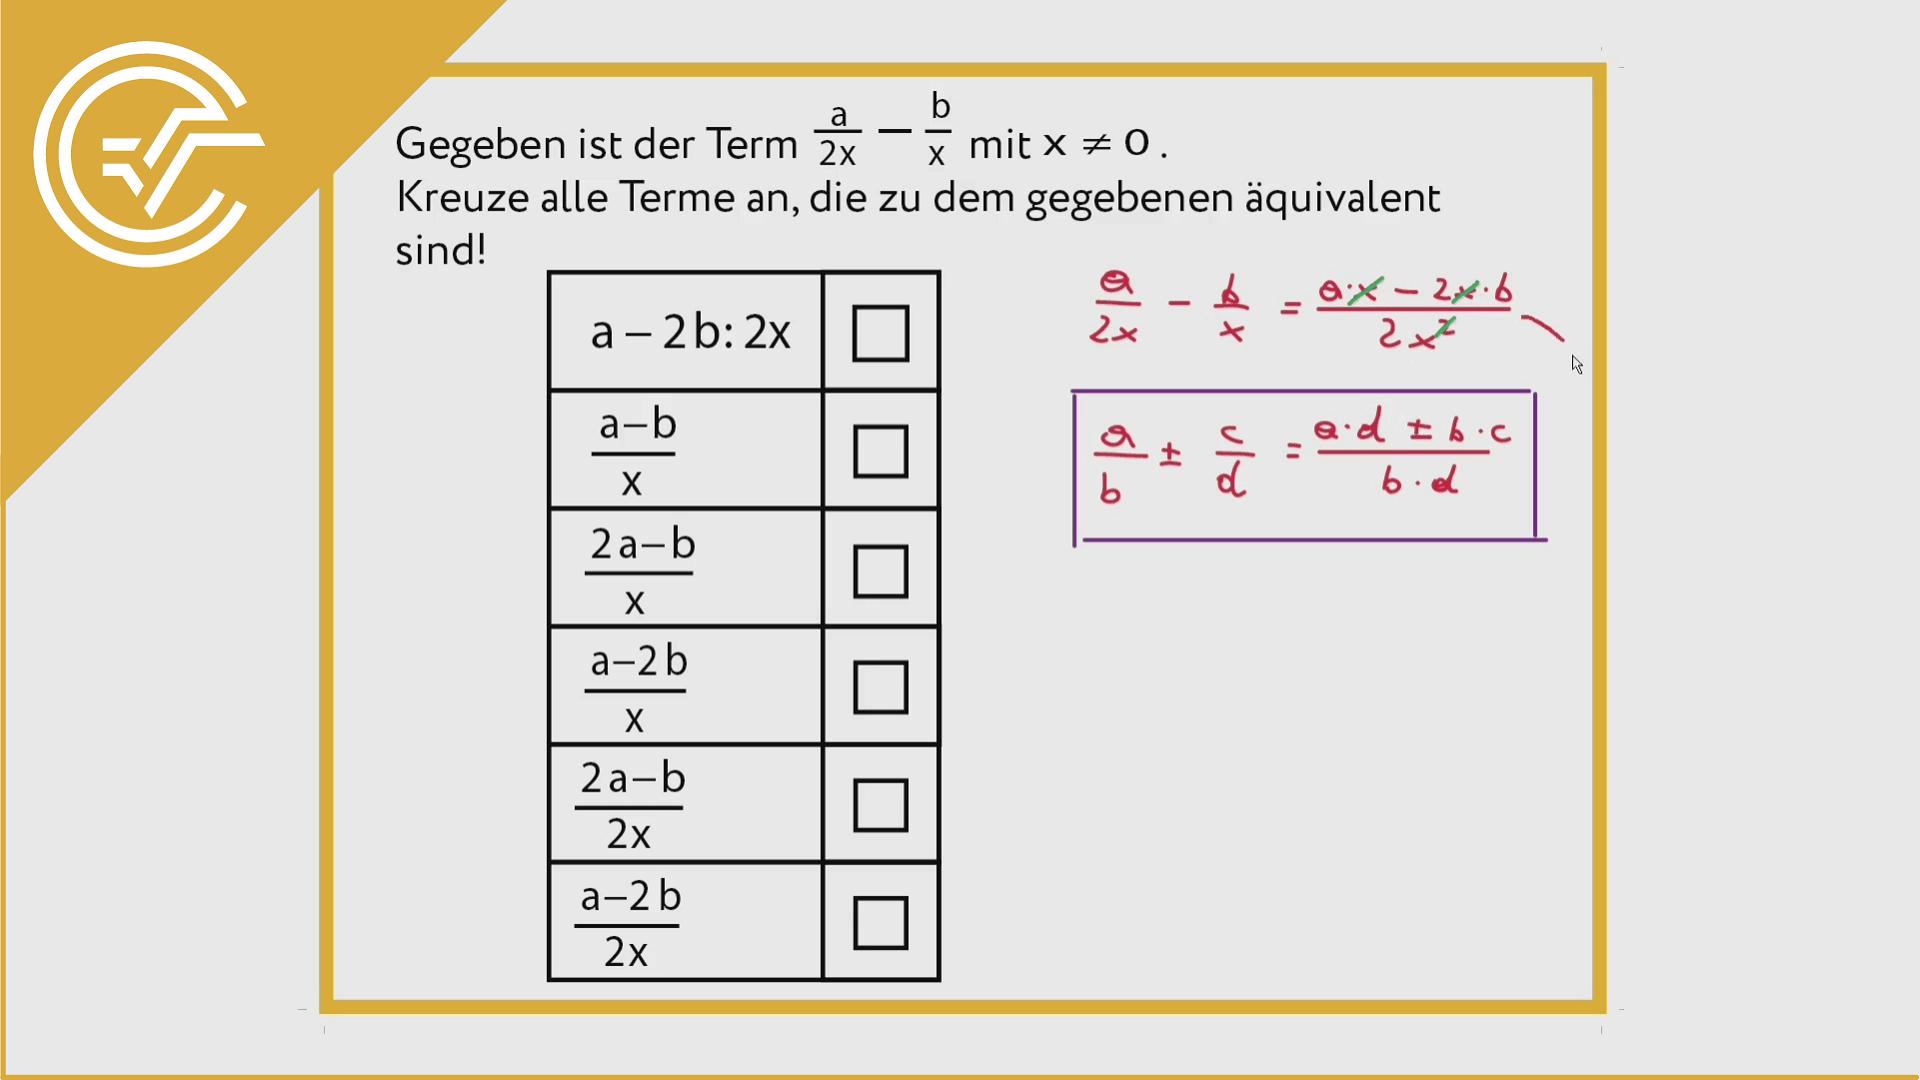 AG 1.2 - Äquivalenz 1